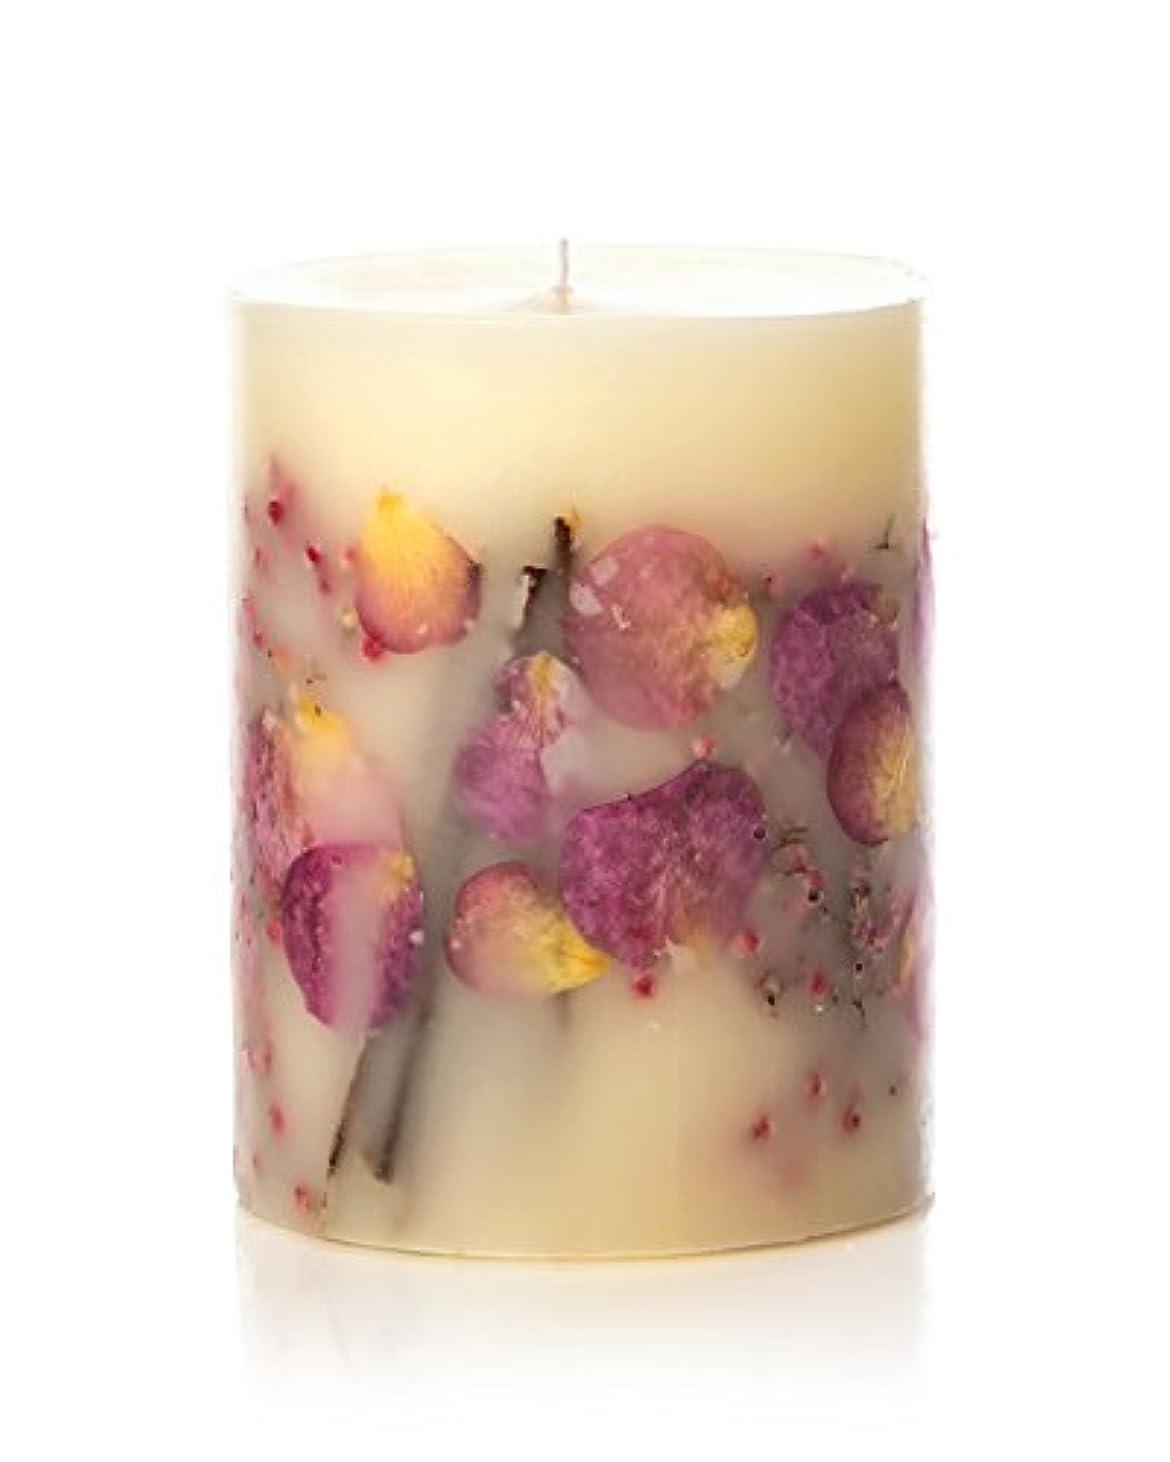 参照土曜日購入ロージーリングス ボタニカルキャンドル ビッグラウンド アプリコット&ローズ ROSY RINGS Round Botanical Candle Big Round – Apricot Rose